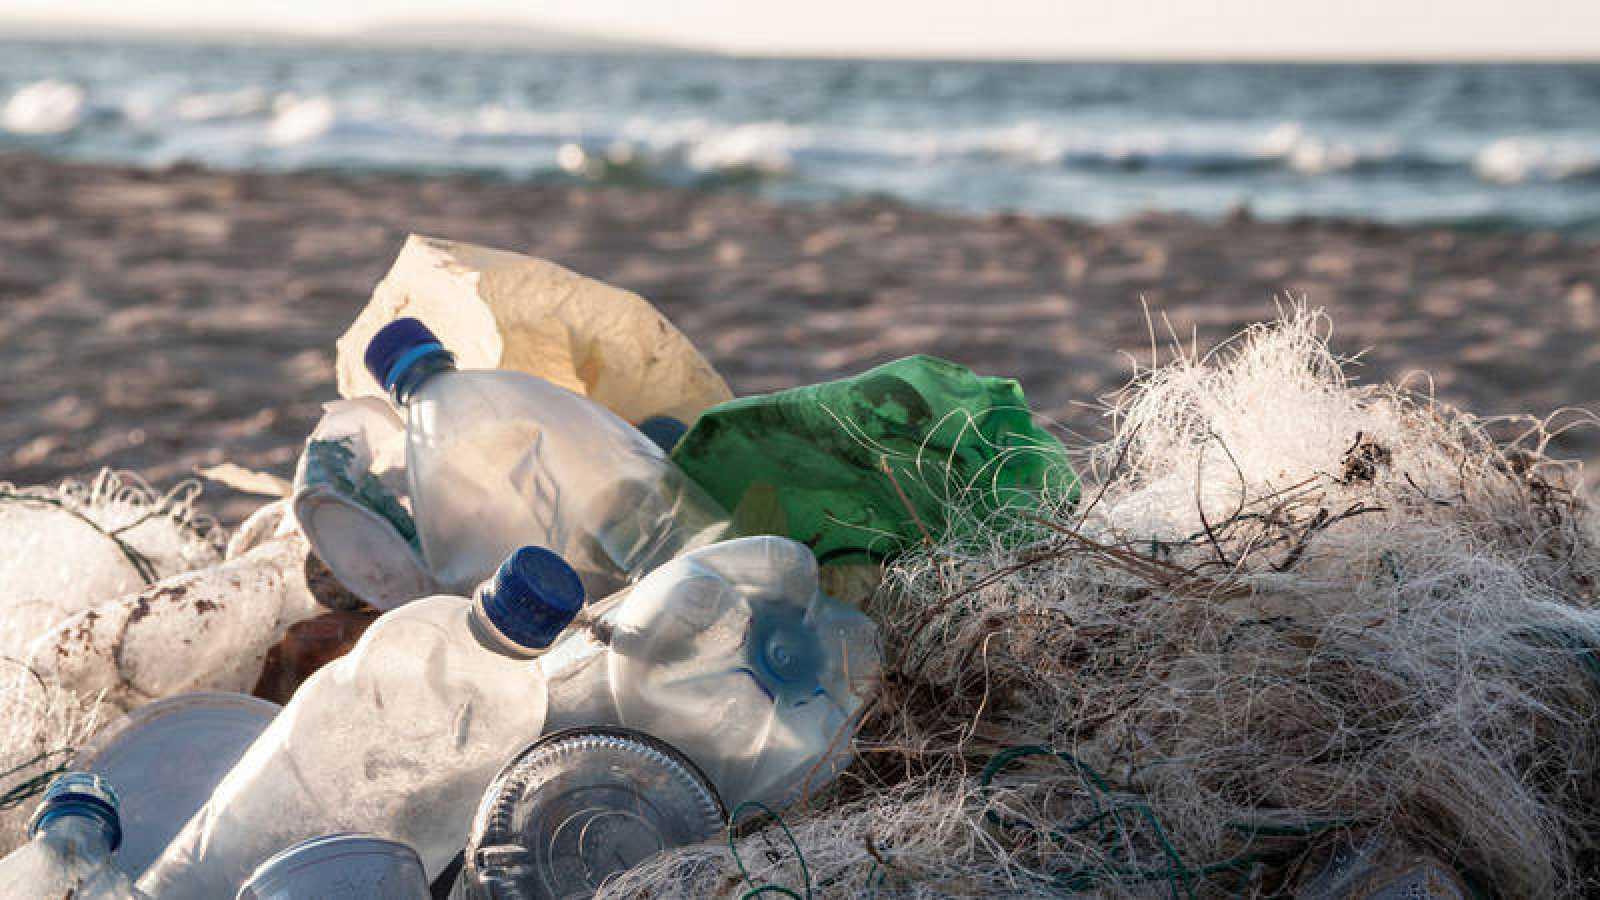 Los enredos de plástico relacionados con la pesca, como las redes, han contribuido de forma significativa al incremento observado.